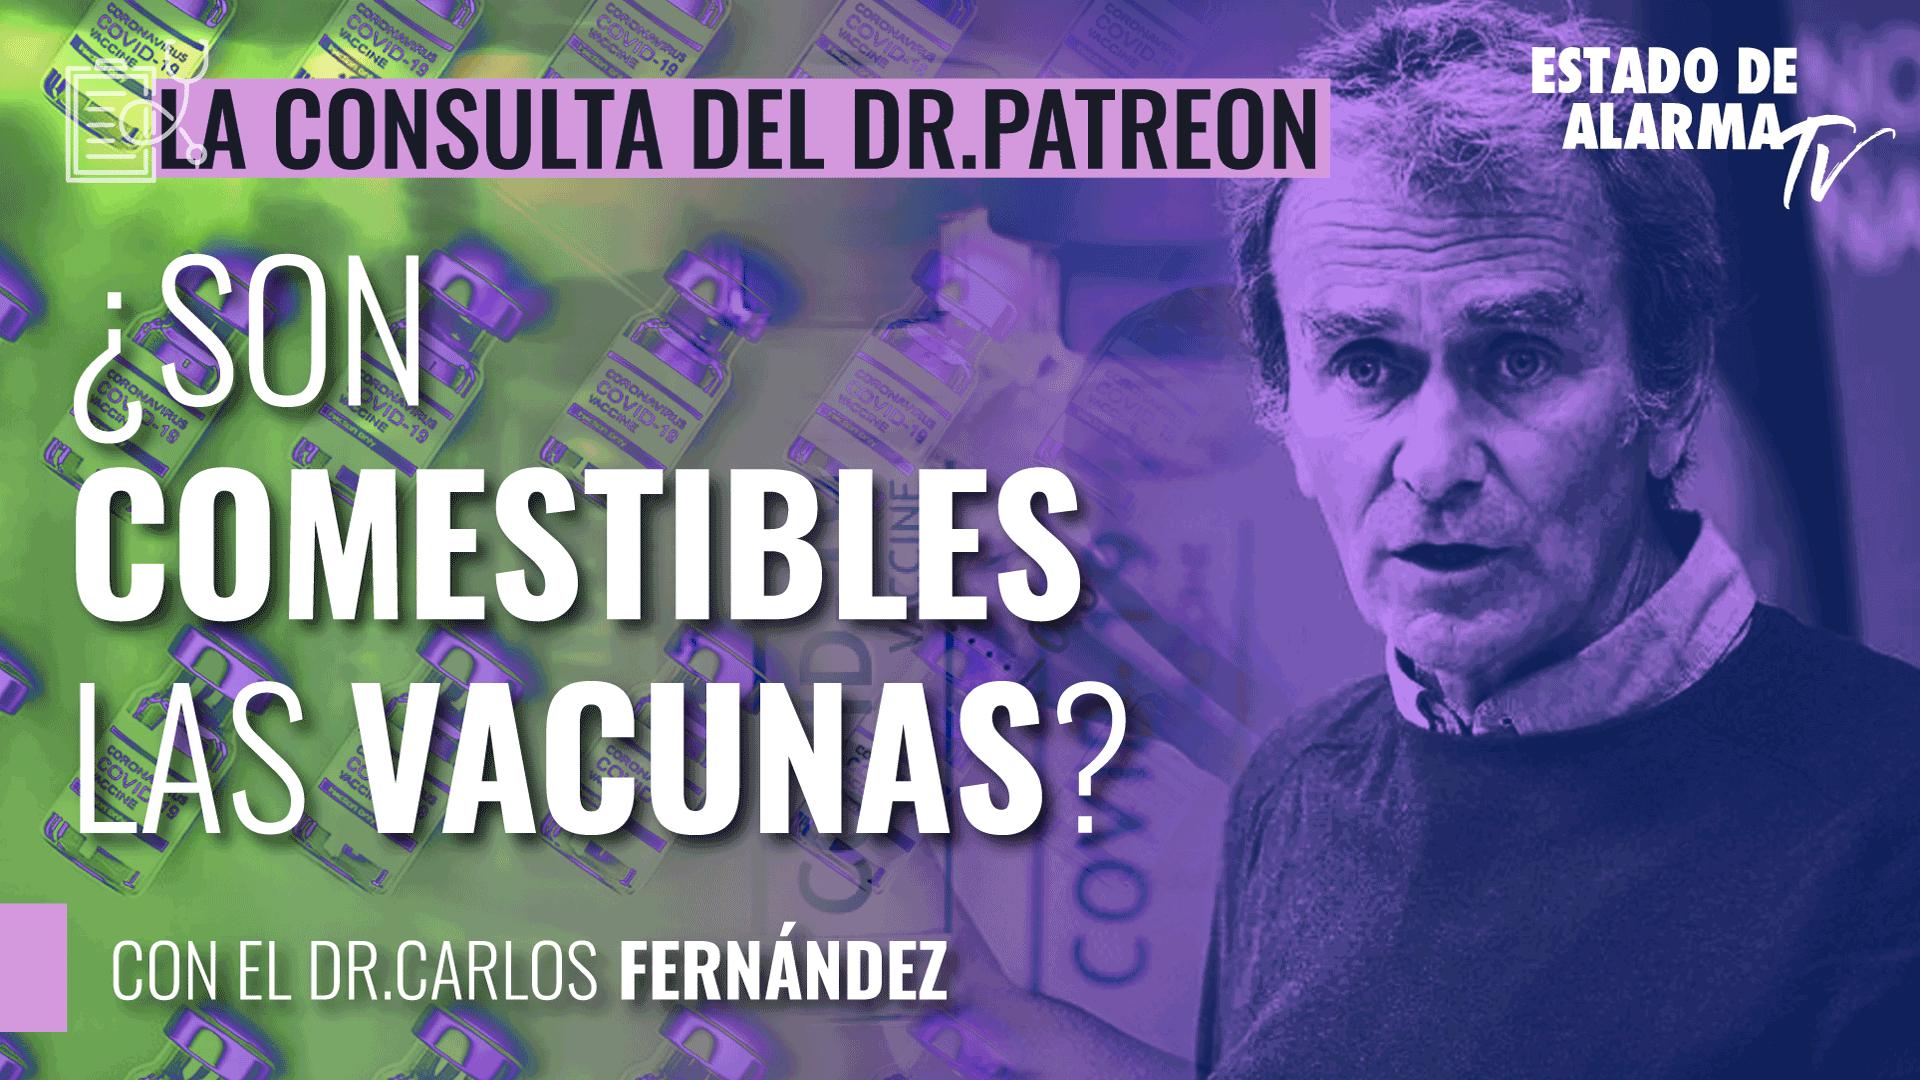 Image del Video: Dr. Patreon: ¿Son las vacunas comestibles? Porque alguien se las va a comer...